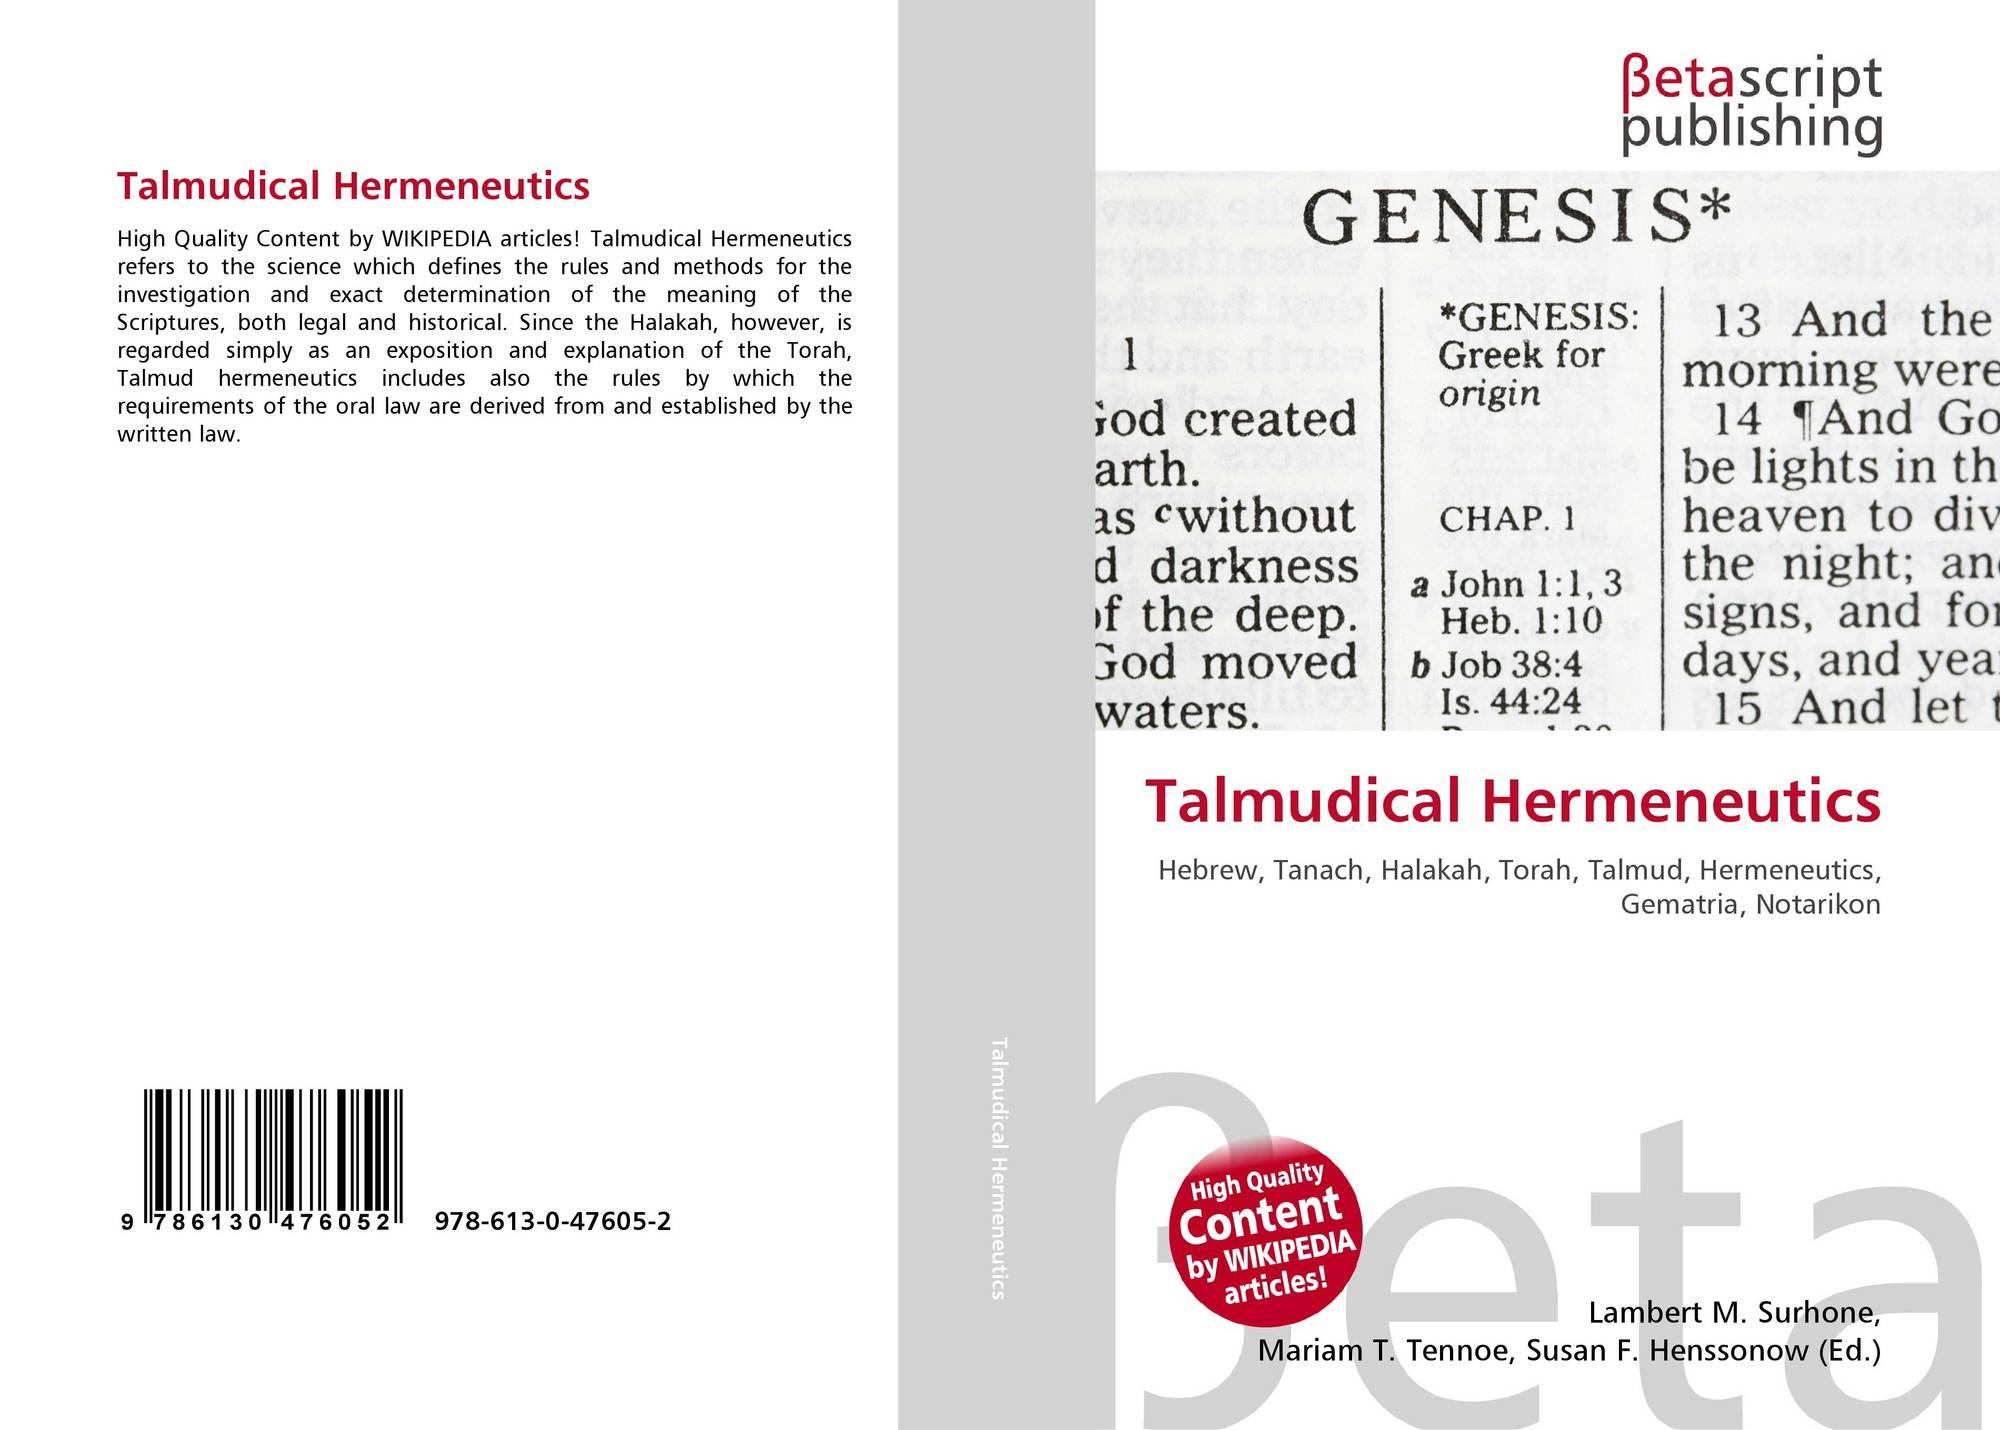 Talmudical Hermeneutics, 978-613-0-47605-2, 6130476051 ,9786130476052